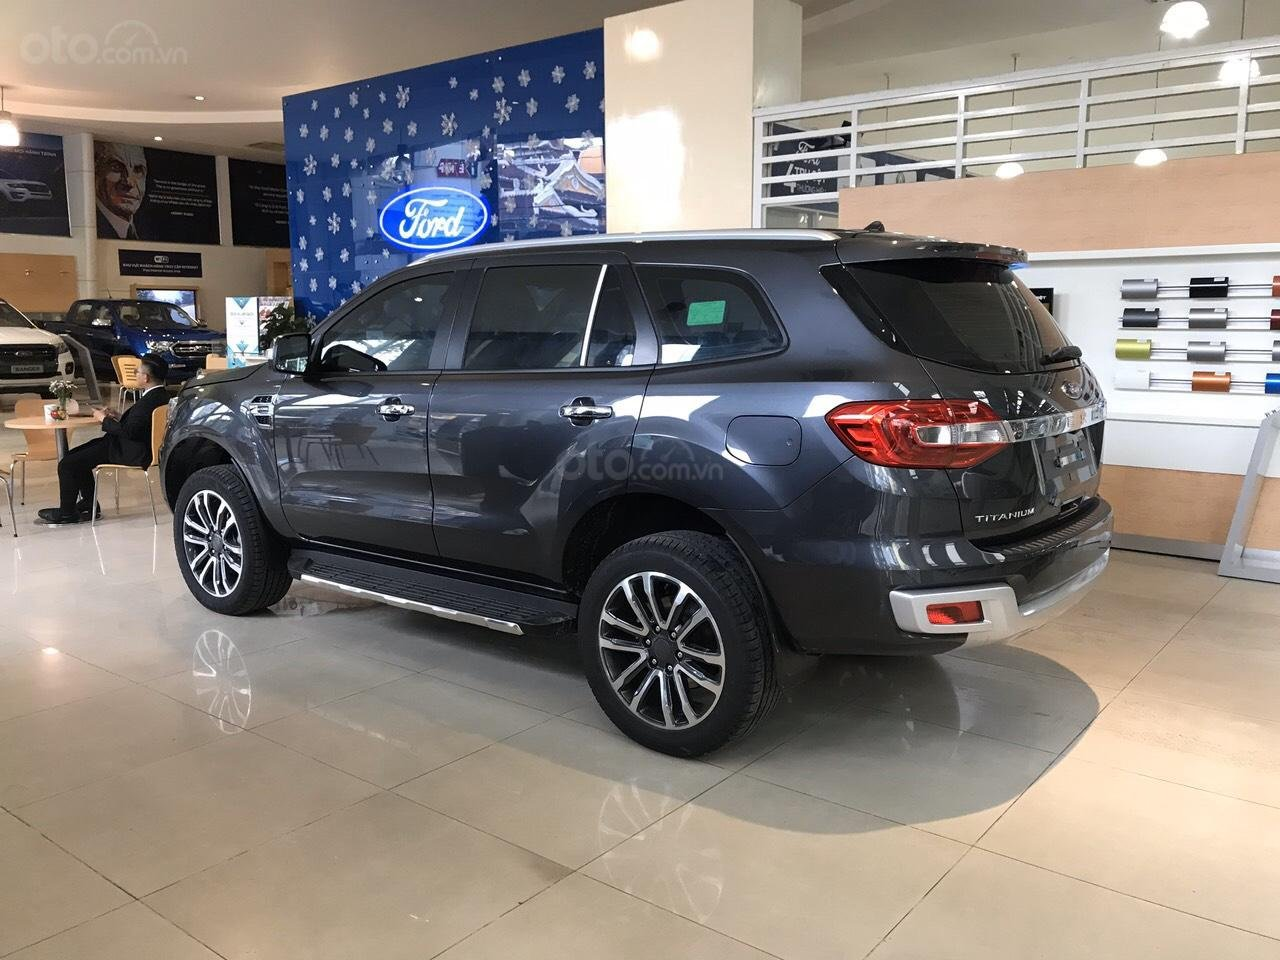 Bán Ford Everest 2019 nhập khẩu - đủ màu, giao ngay, khuyến mãi hấp dẫn, LH: 0908812444 (4)